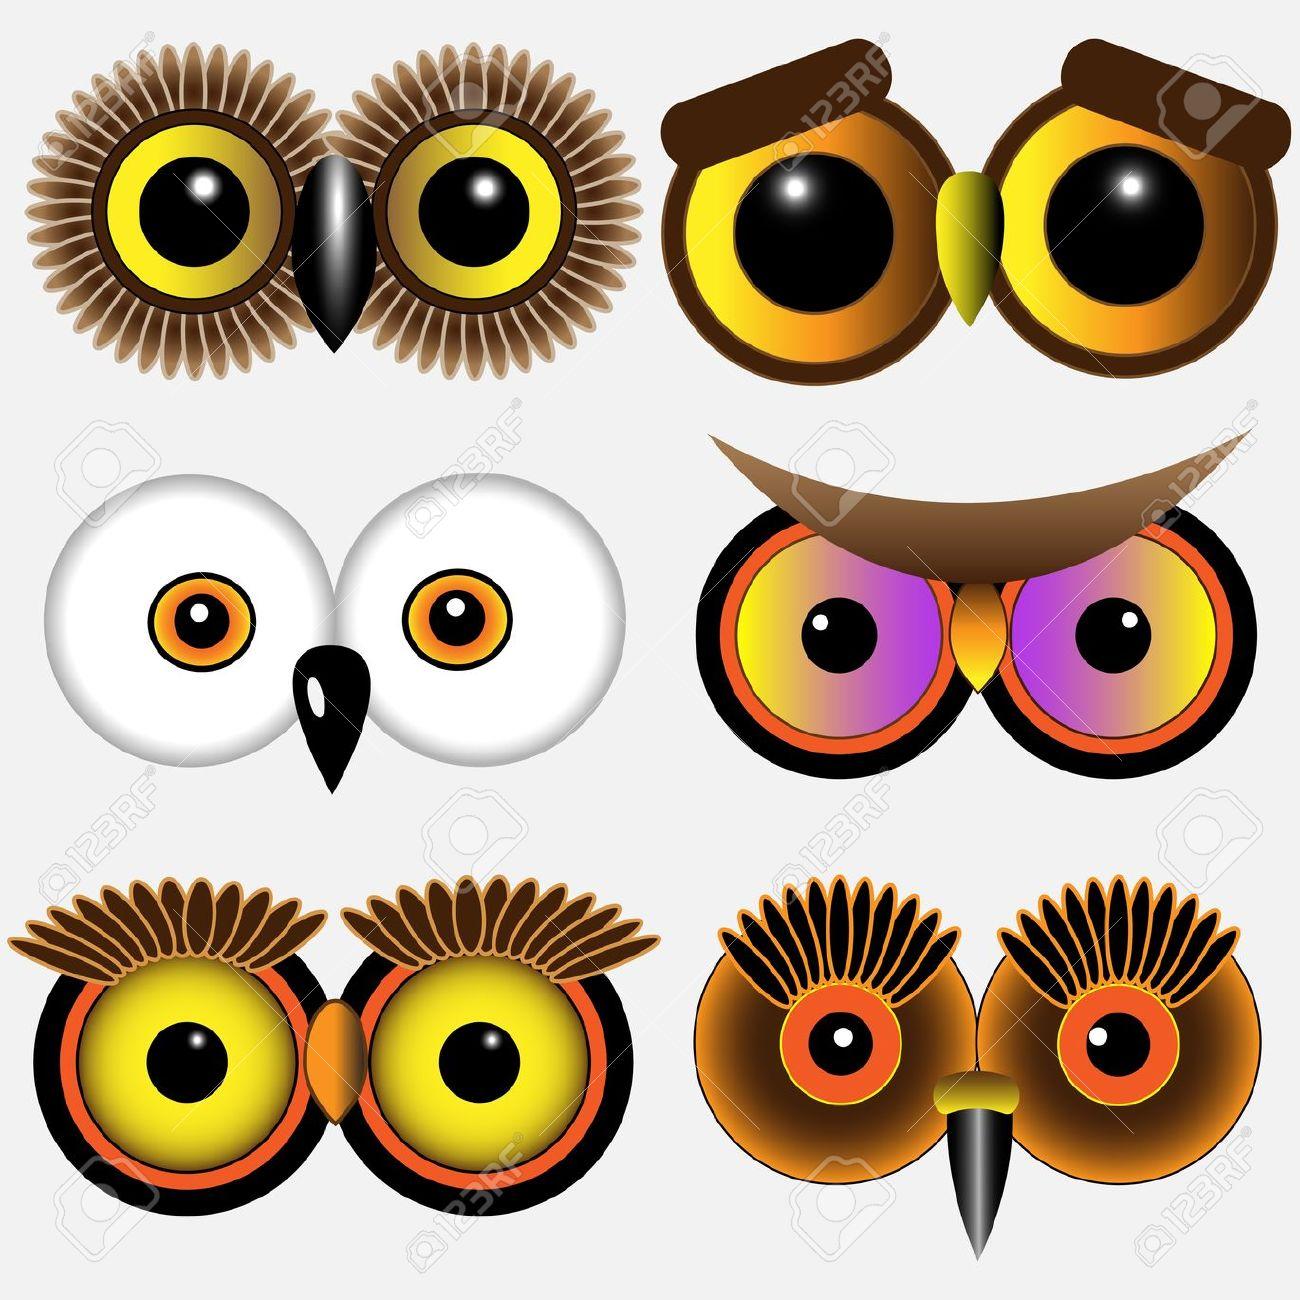 1300x1300 Eyeball Clipart Owl Eyes